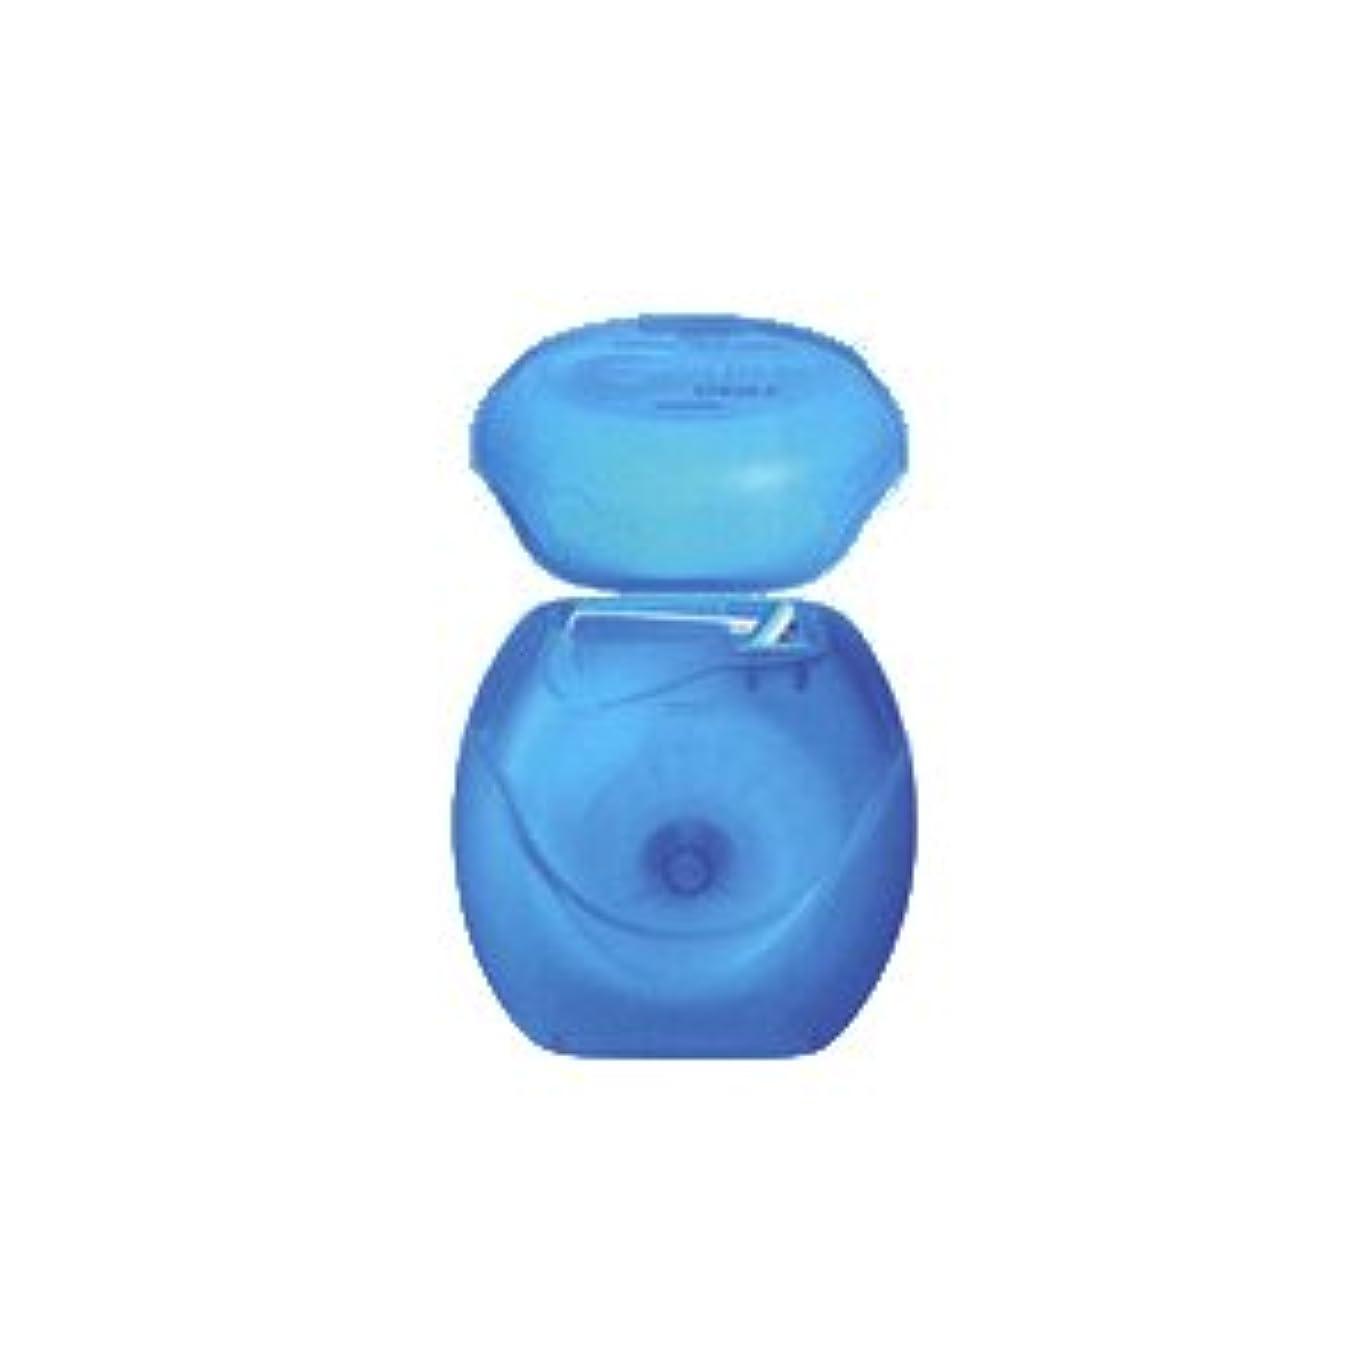 影響力のある安心させる可塑性ライオン DENT.e-floss デントイーフロス 1個 (ブルー)